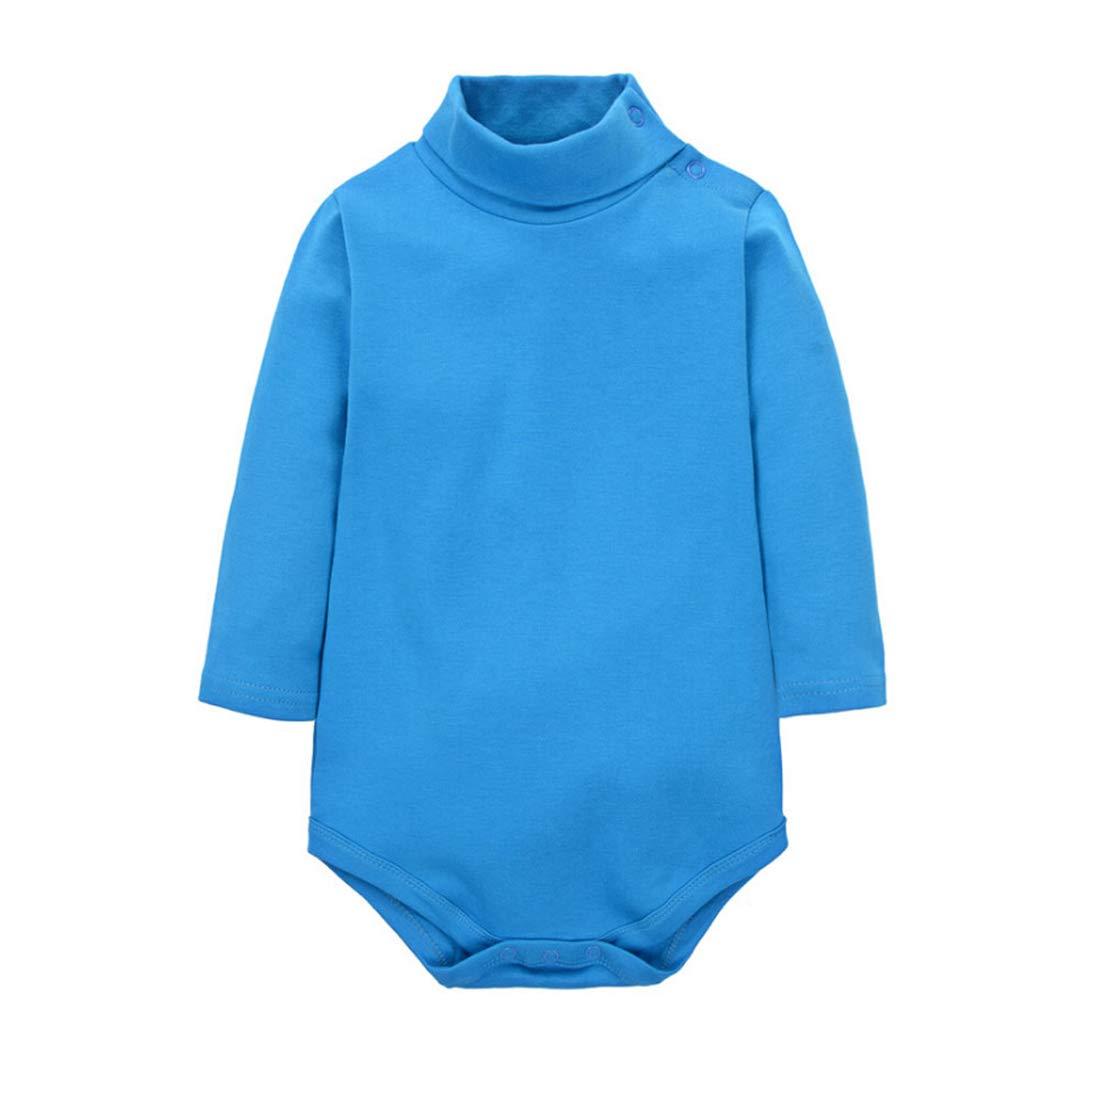 CuteOn Baby Boys Girls Solid Color Basic Turtleneck Cotton Bodysuit Jumpsuit Blue 24 Months